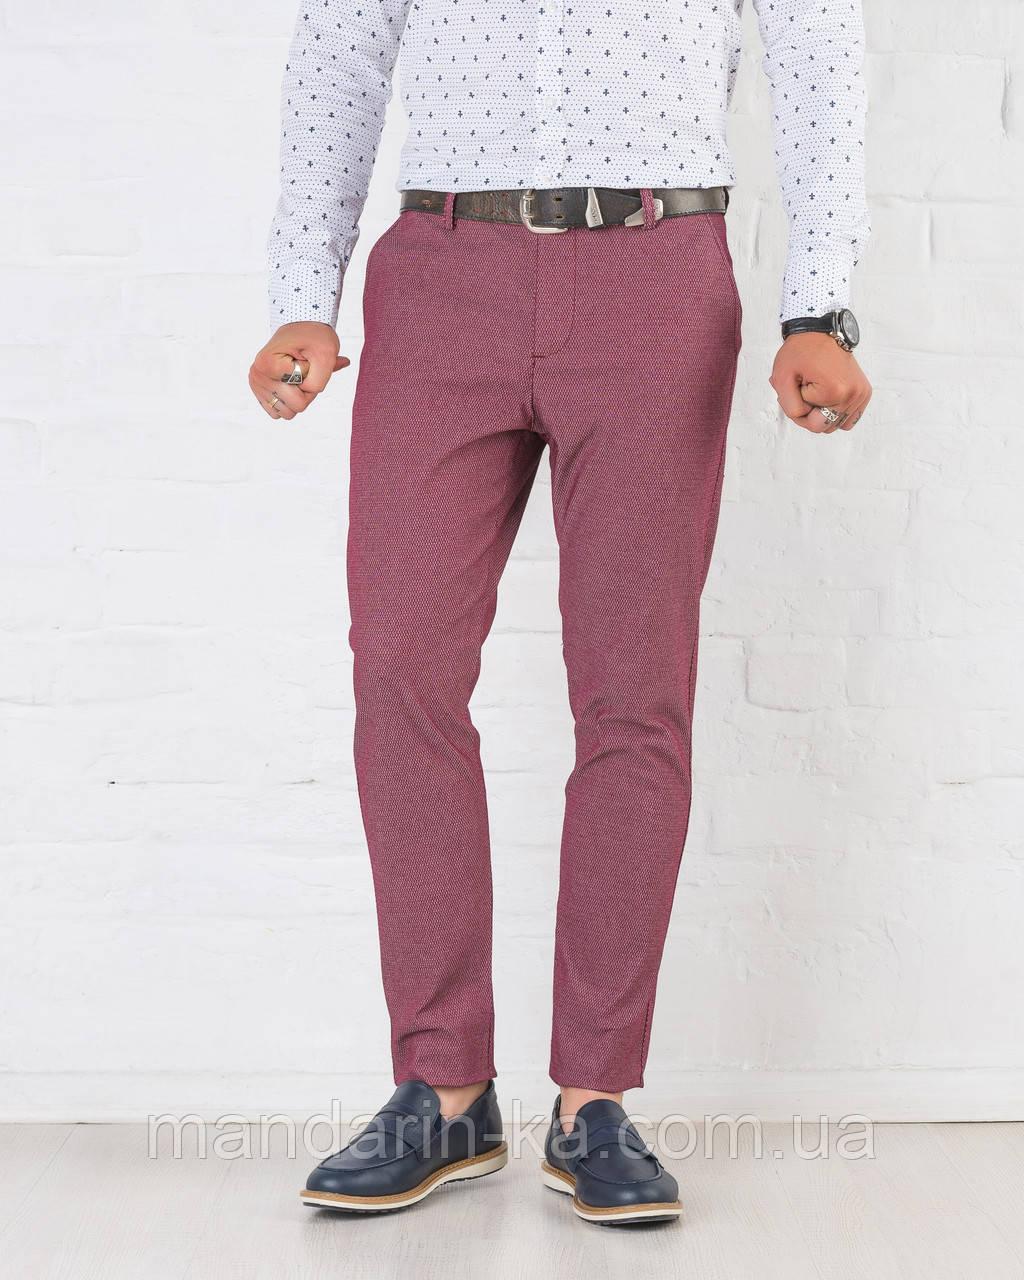 Мужские брюки зауженные Slim Fit слим фит бордовые